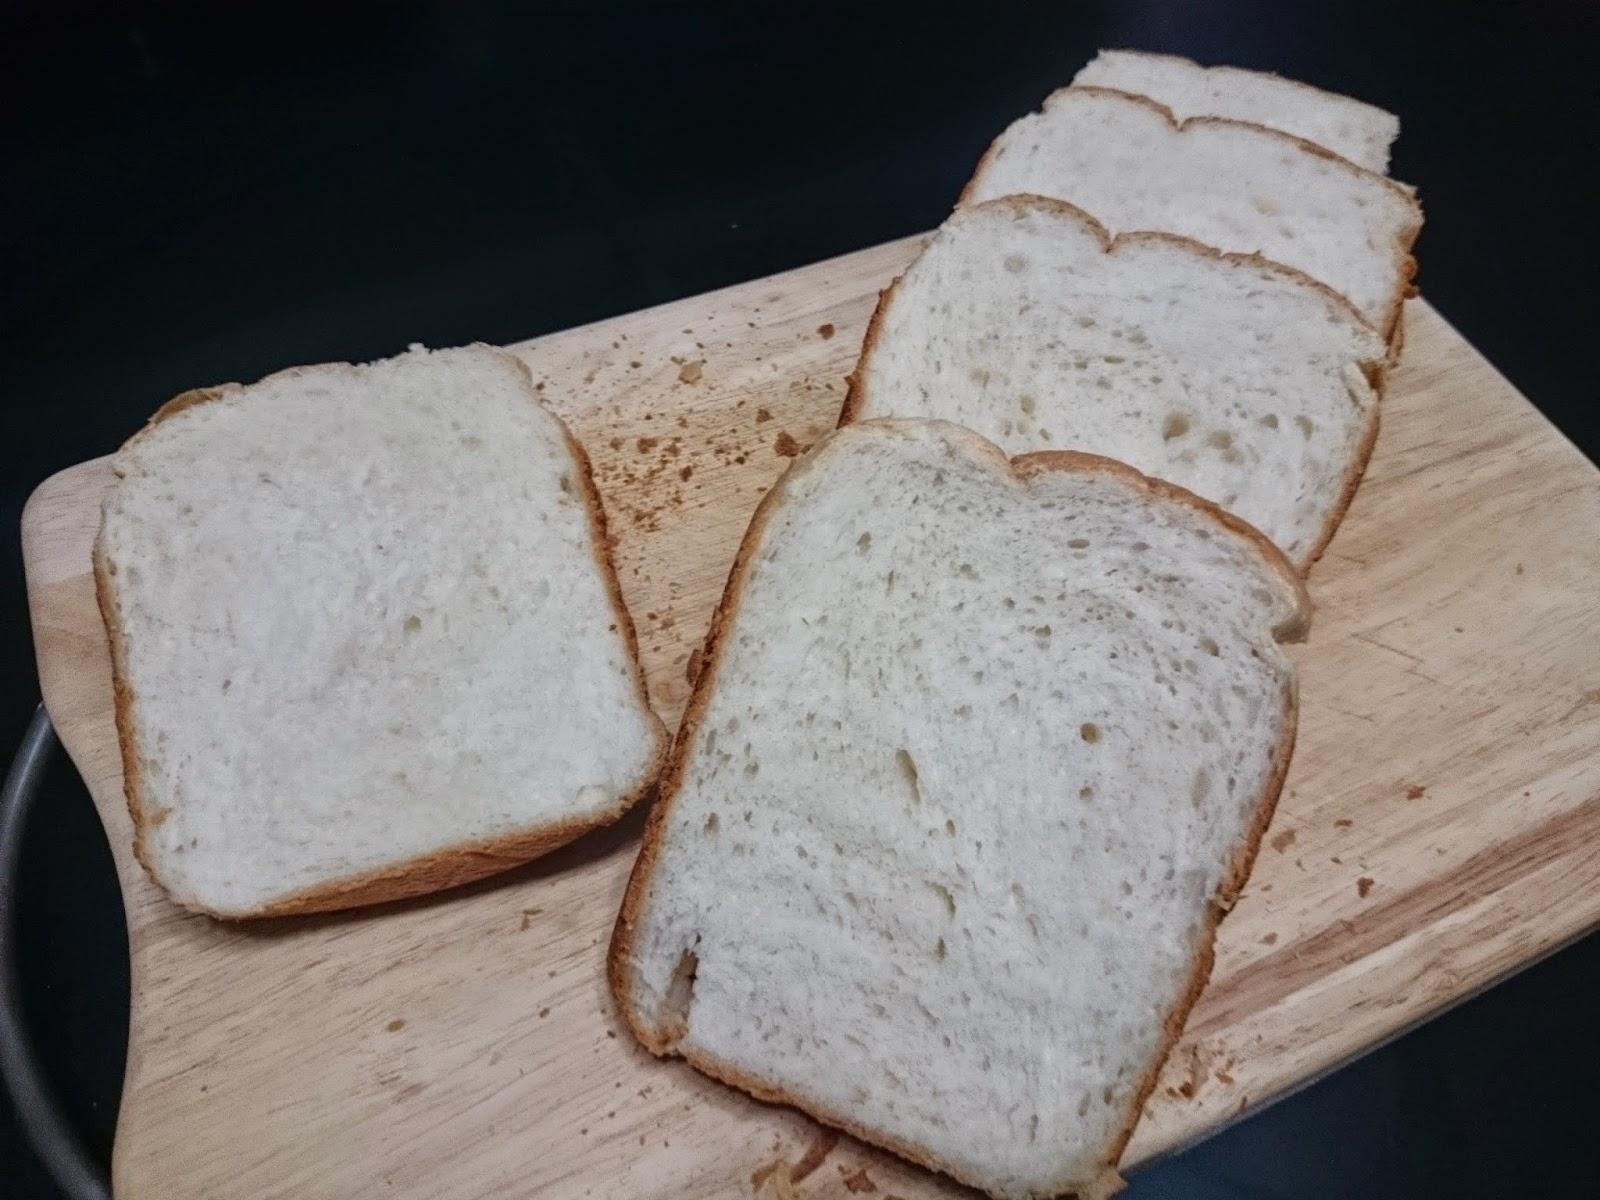 韋太烹飪教室: 麵包機 - 鬆軟方包